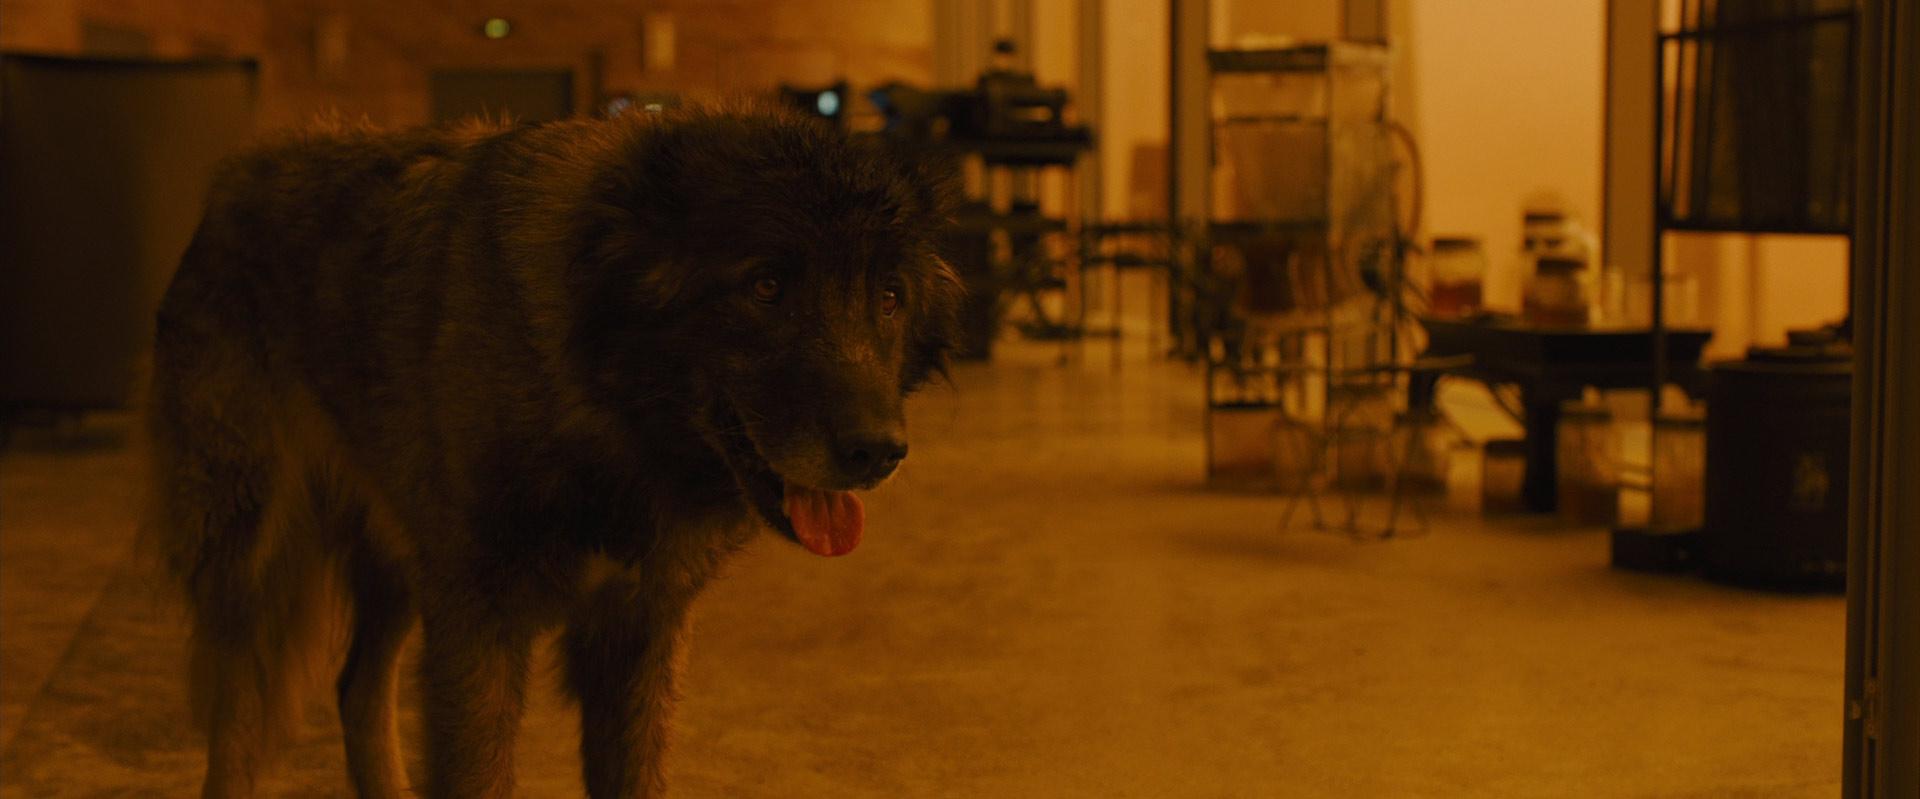 Deckard's dog in Blade  Runner 2049